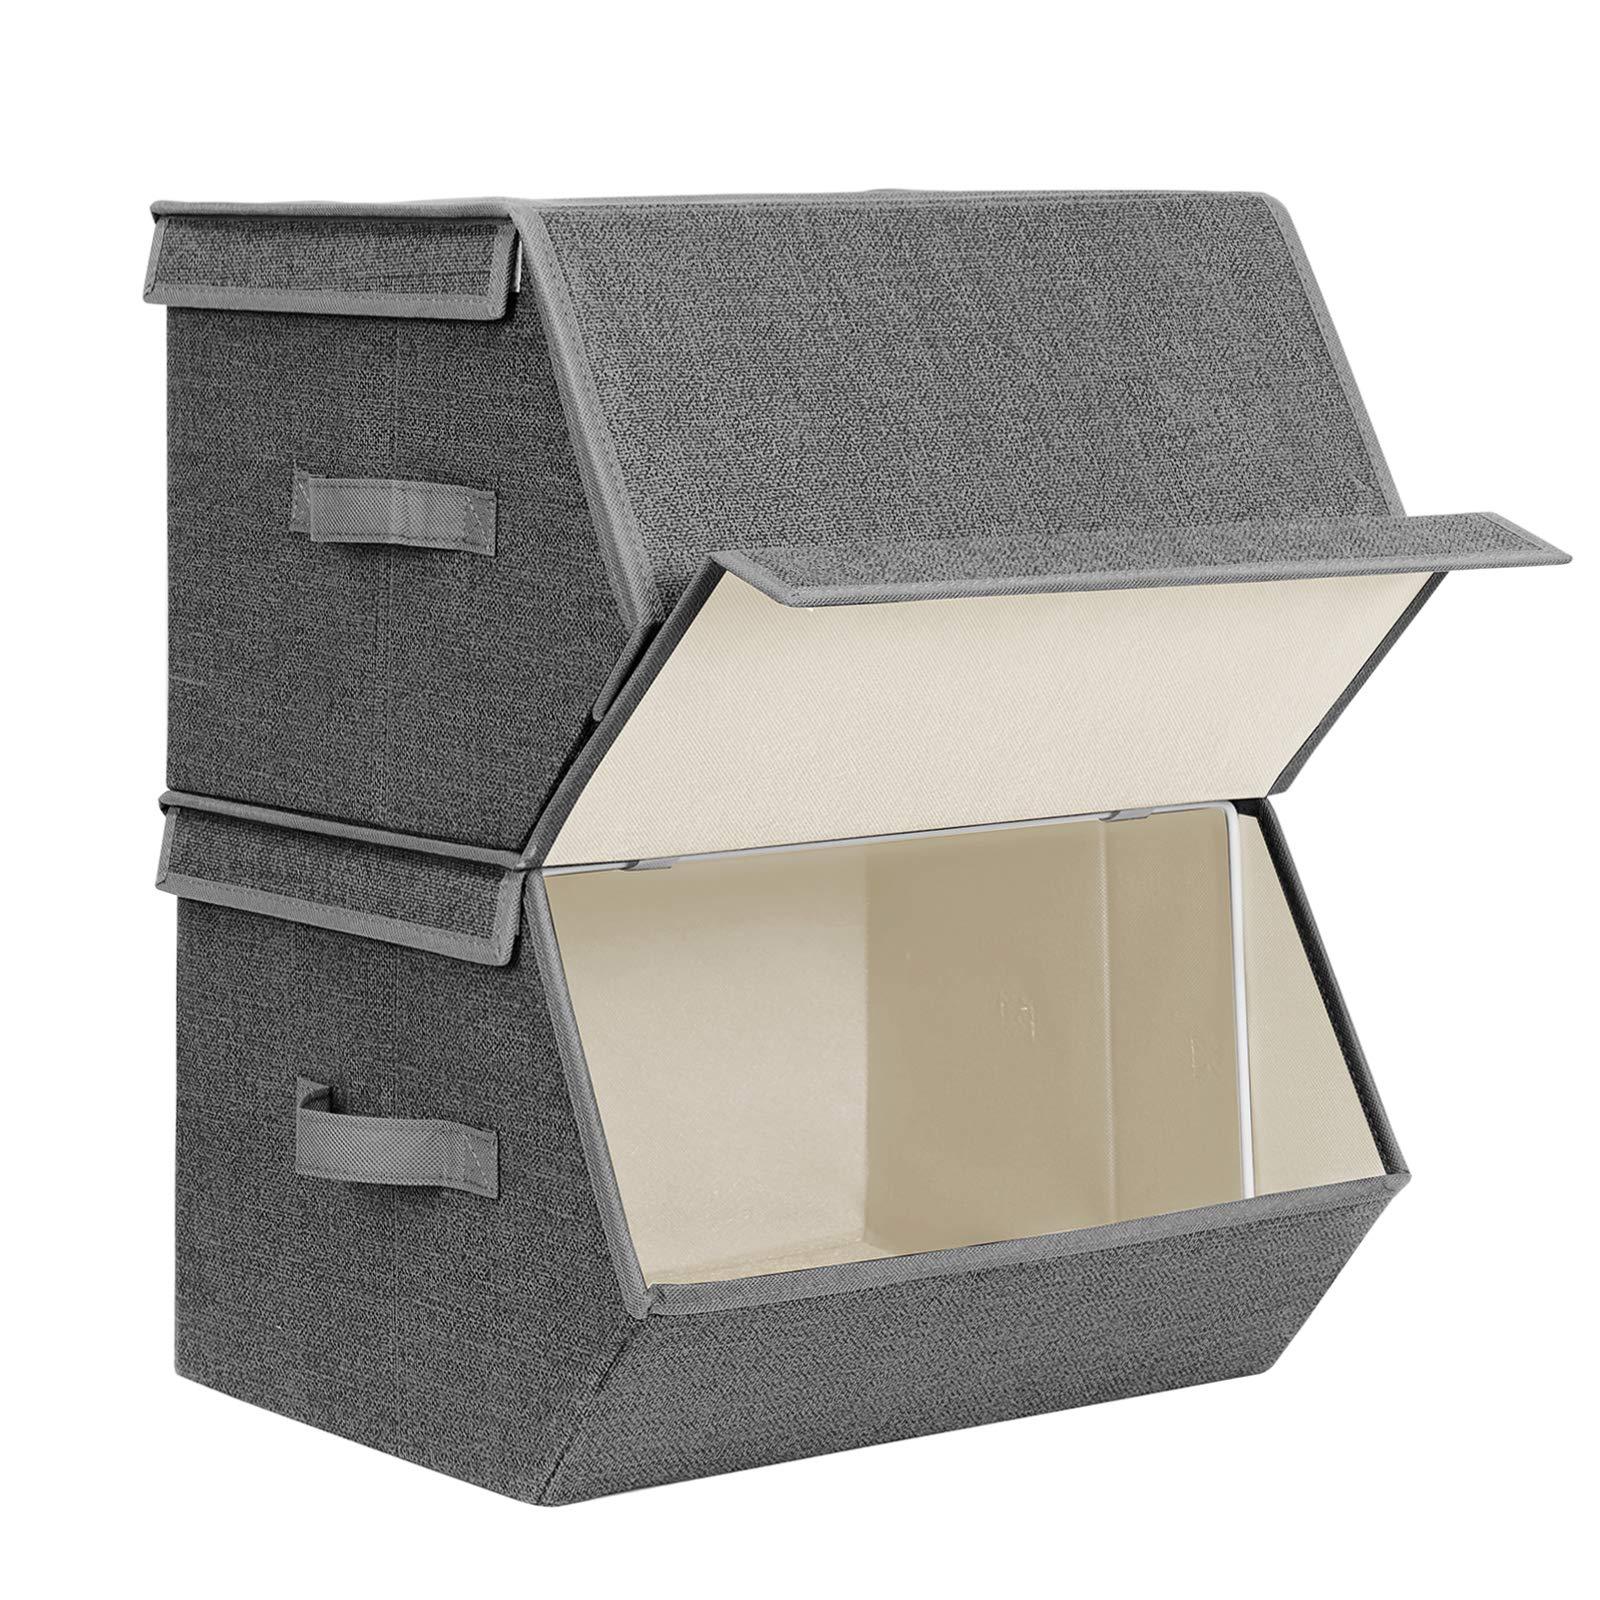 SONGMICS Set de 2 Cajas de Almacenaje con Aros Metálicos y Imánes Cubos de Tela Organizador Plegable con Tapa 38 x 35 x 25 cm Gris y Beige RYLB02G: Amazon.es: Hogar